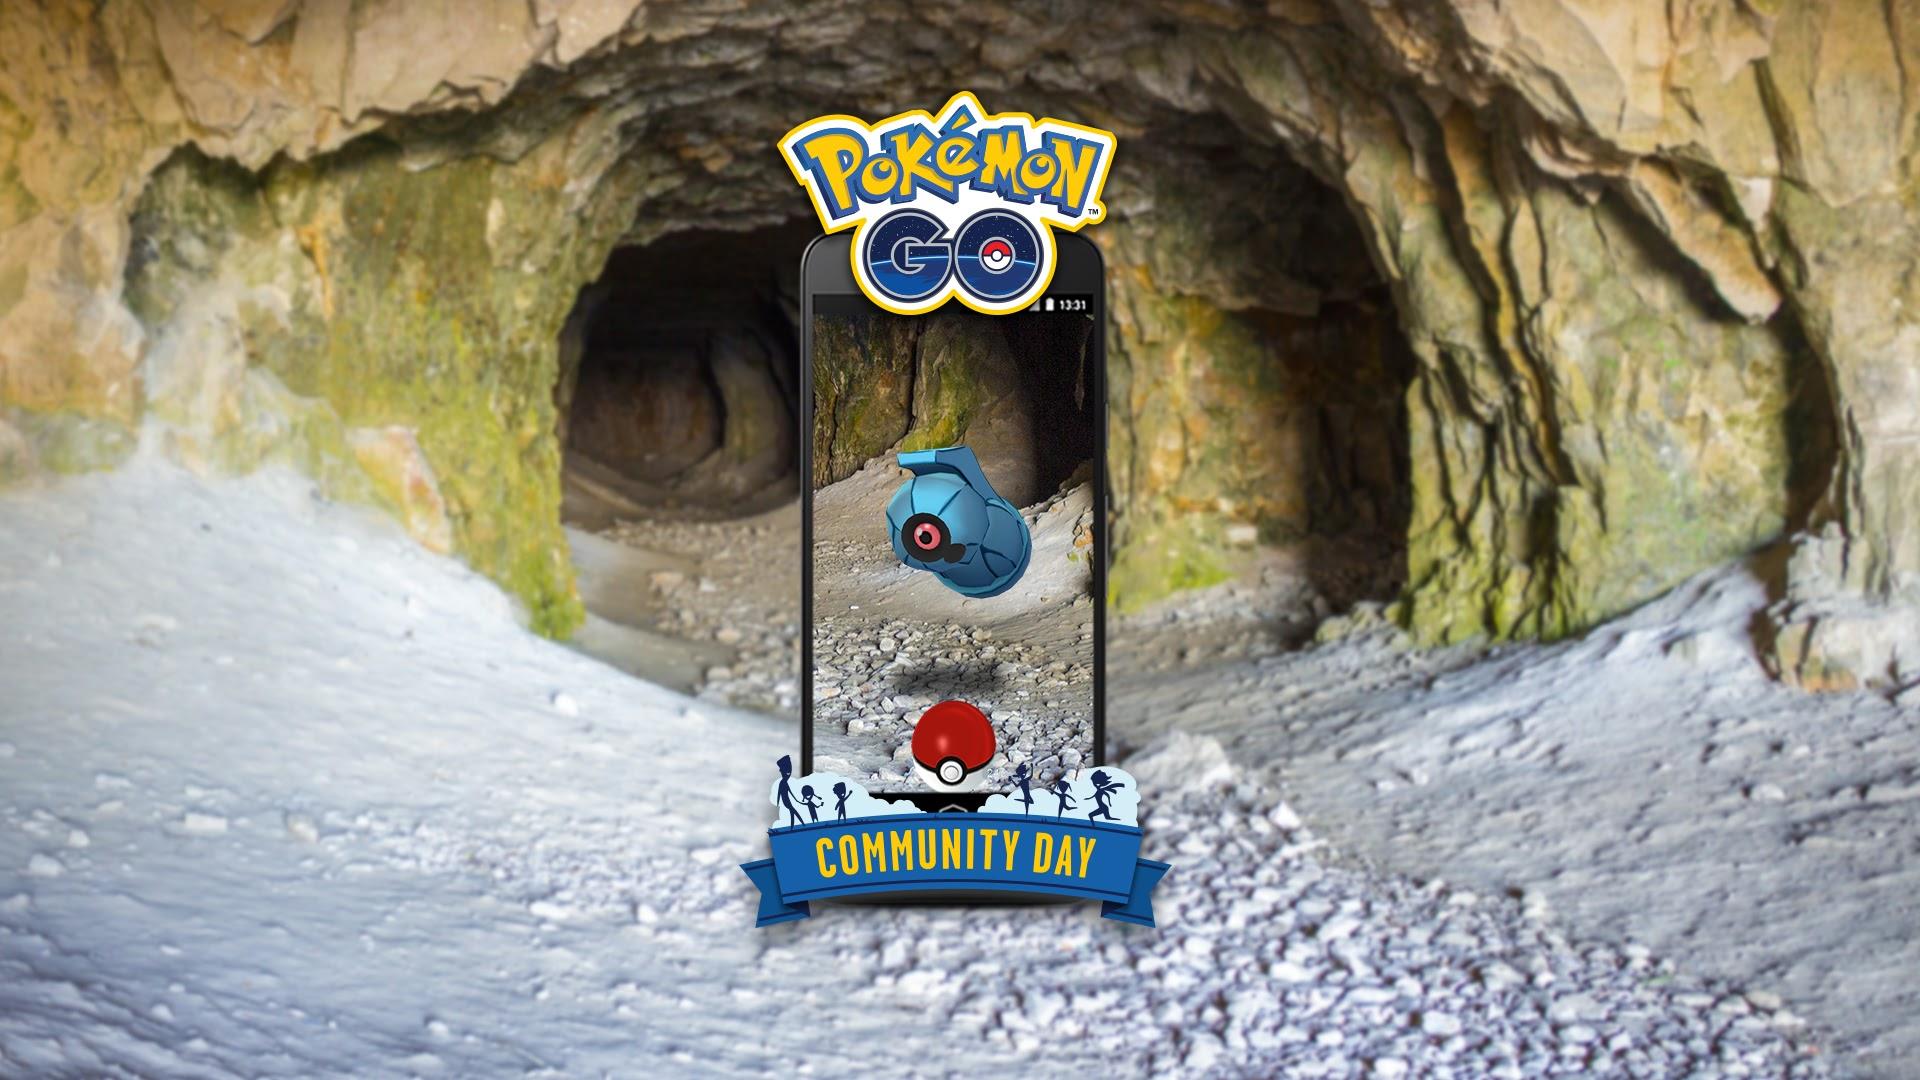 [Pokémon GO Community Day Beldum - Image by Pokémon GO]